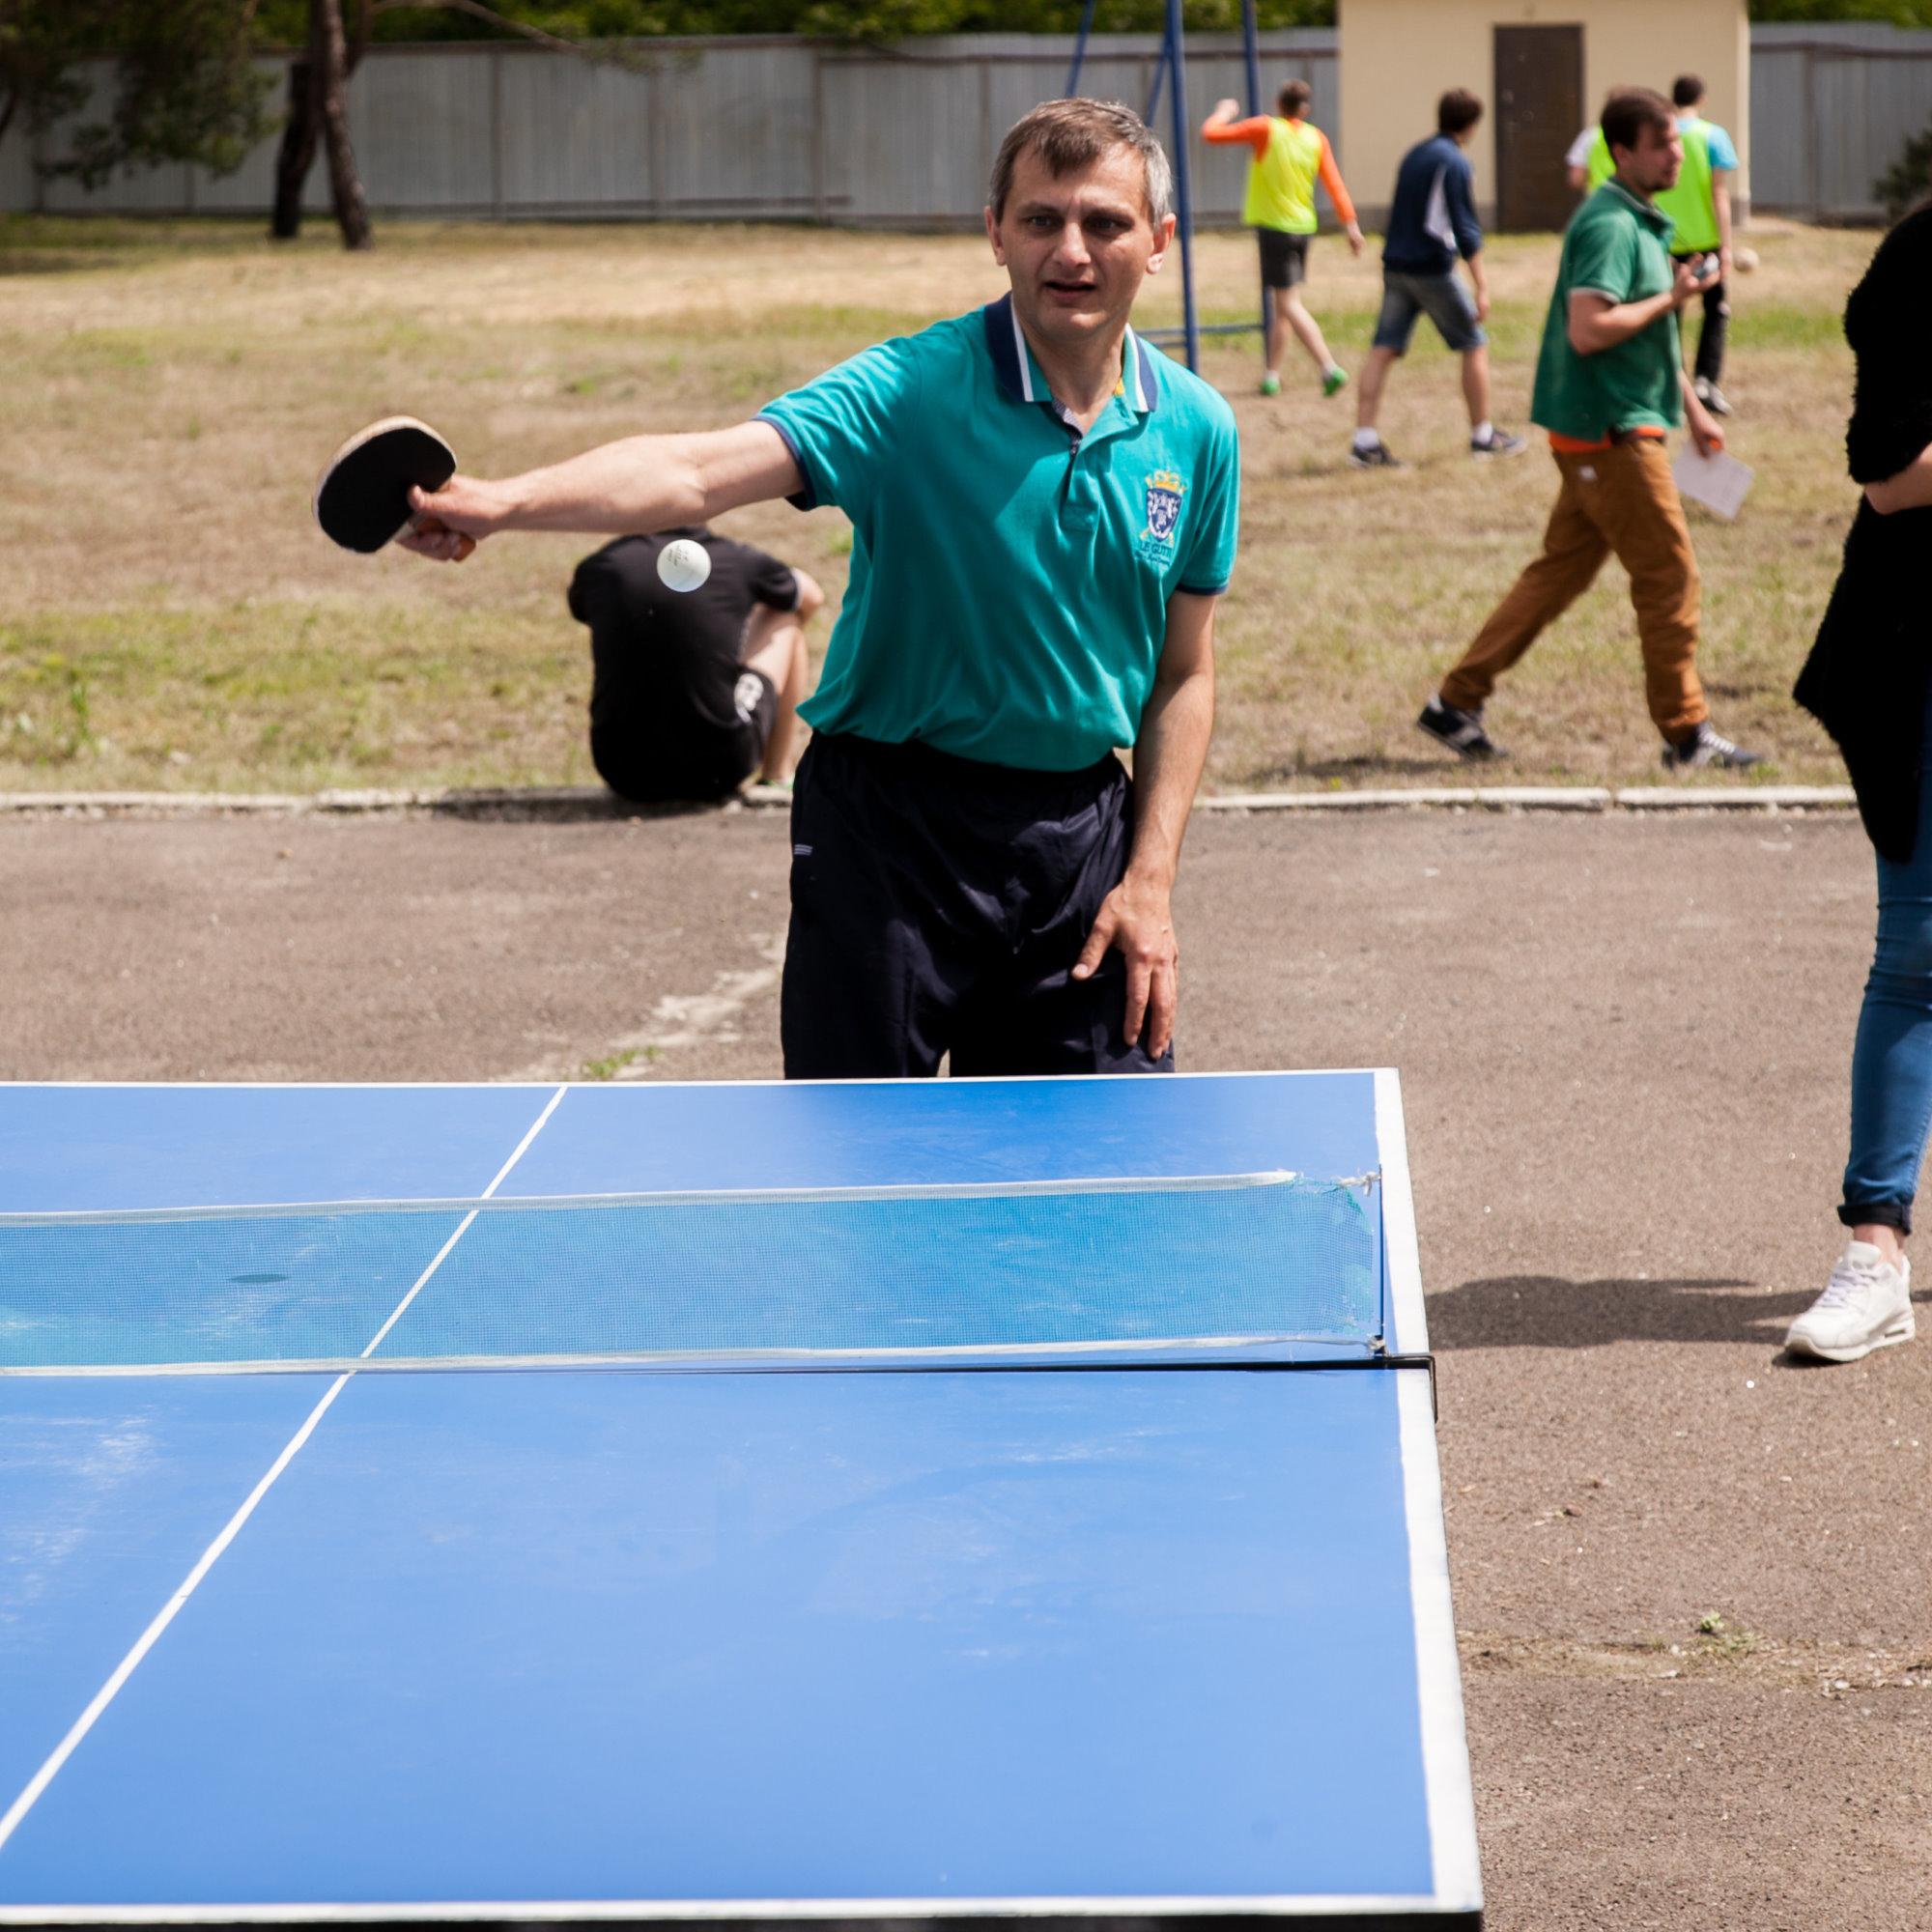 Нечай Владимир играет в настольный теннис